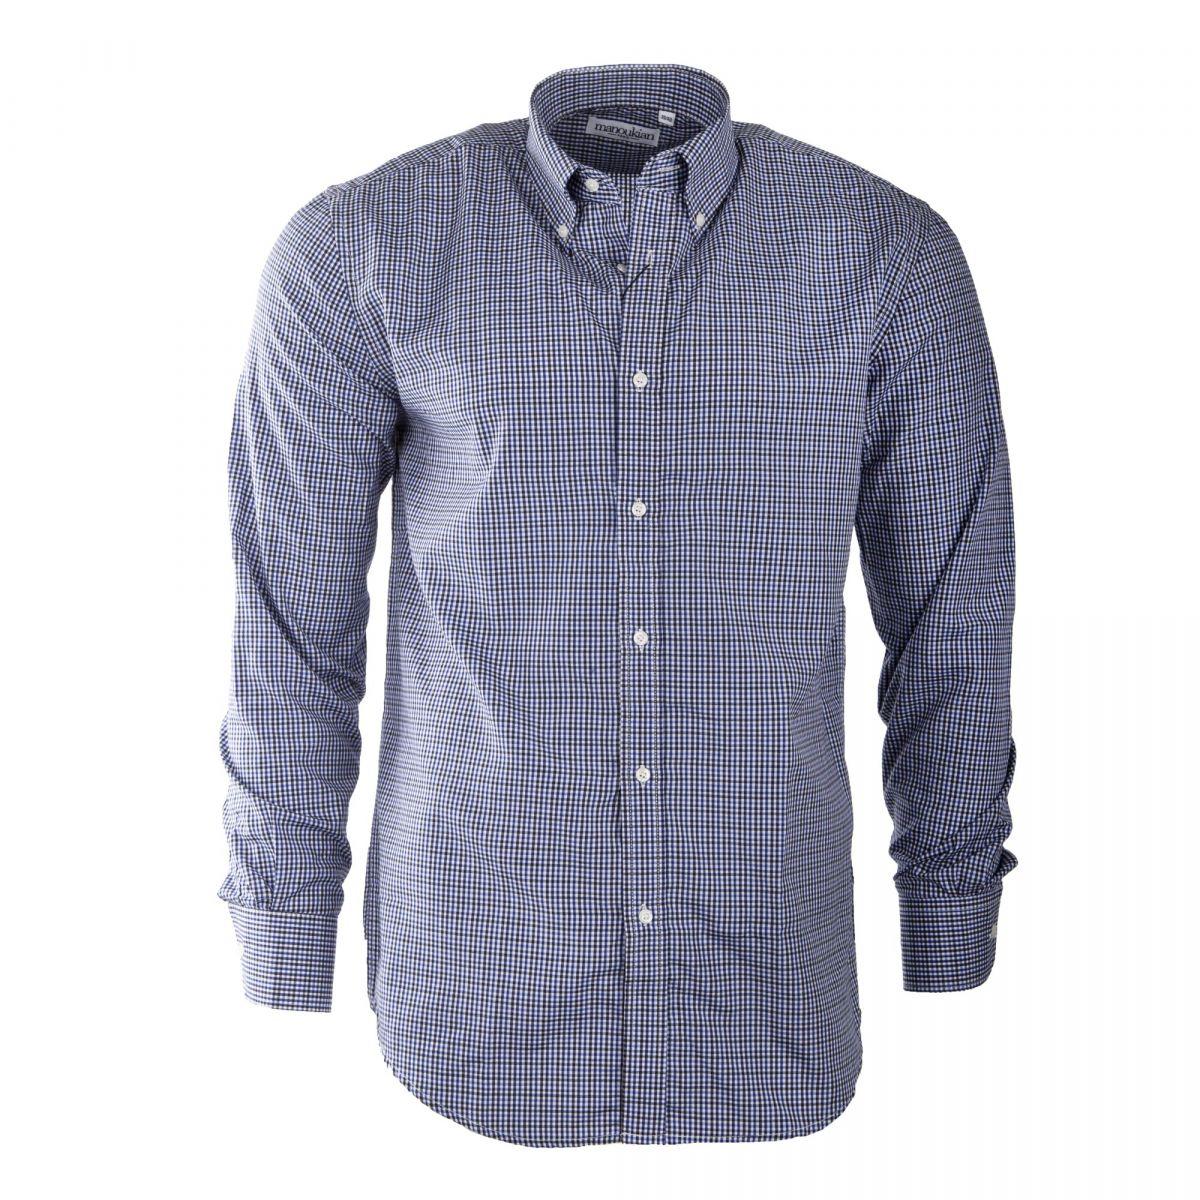 Men's Clothing Brooks Brothers Homme Blanc Bleu Rouge Carreaux Coton Oxford Chemise Habillée